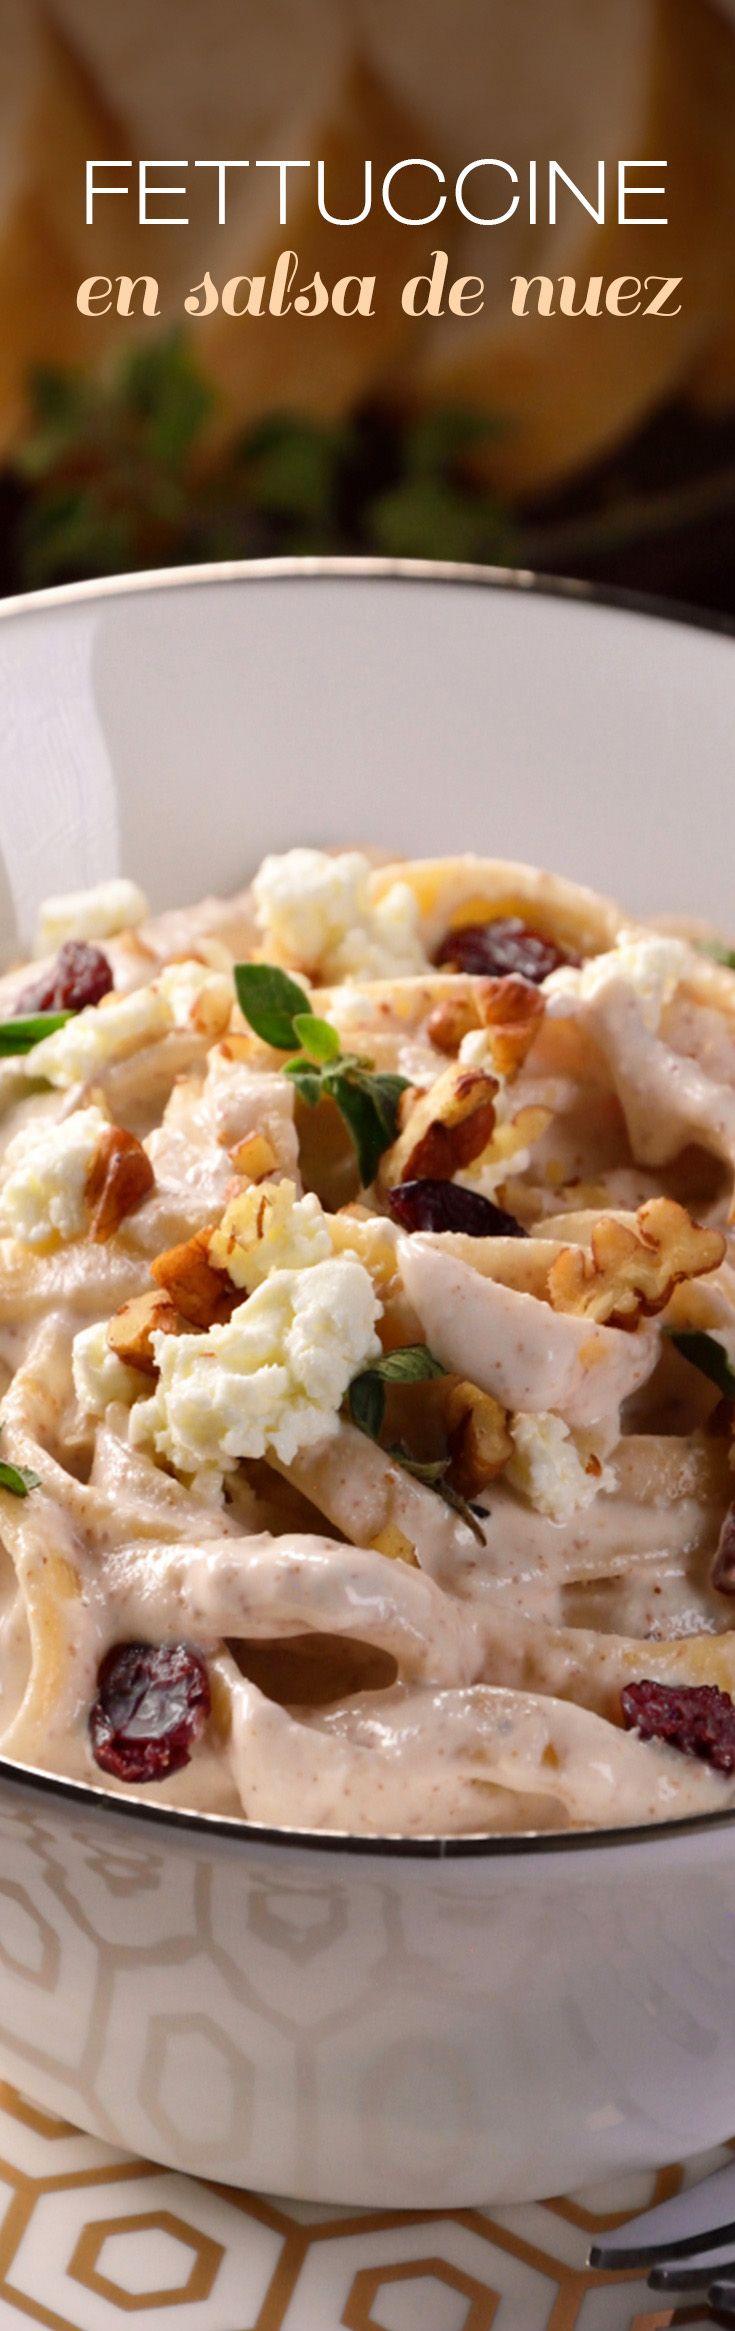 Receta fácil de pasta navideña en salsa de nuez y arándanos. Fácil y con un sabor delicioso para acompañar tu pavo o pierna.